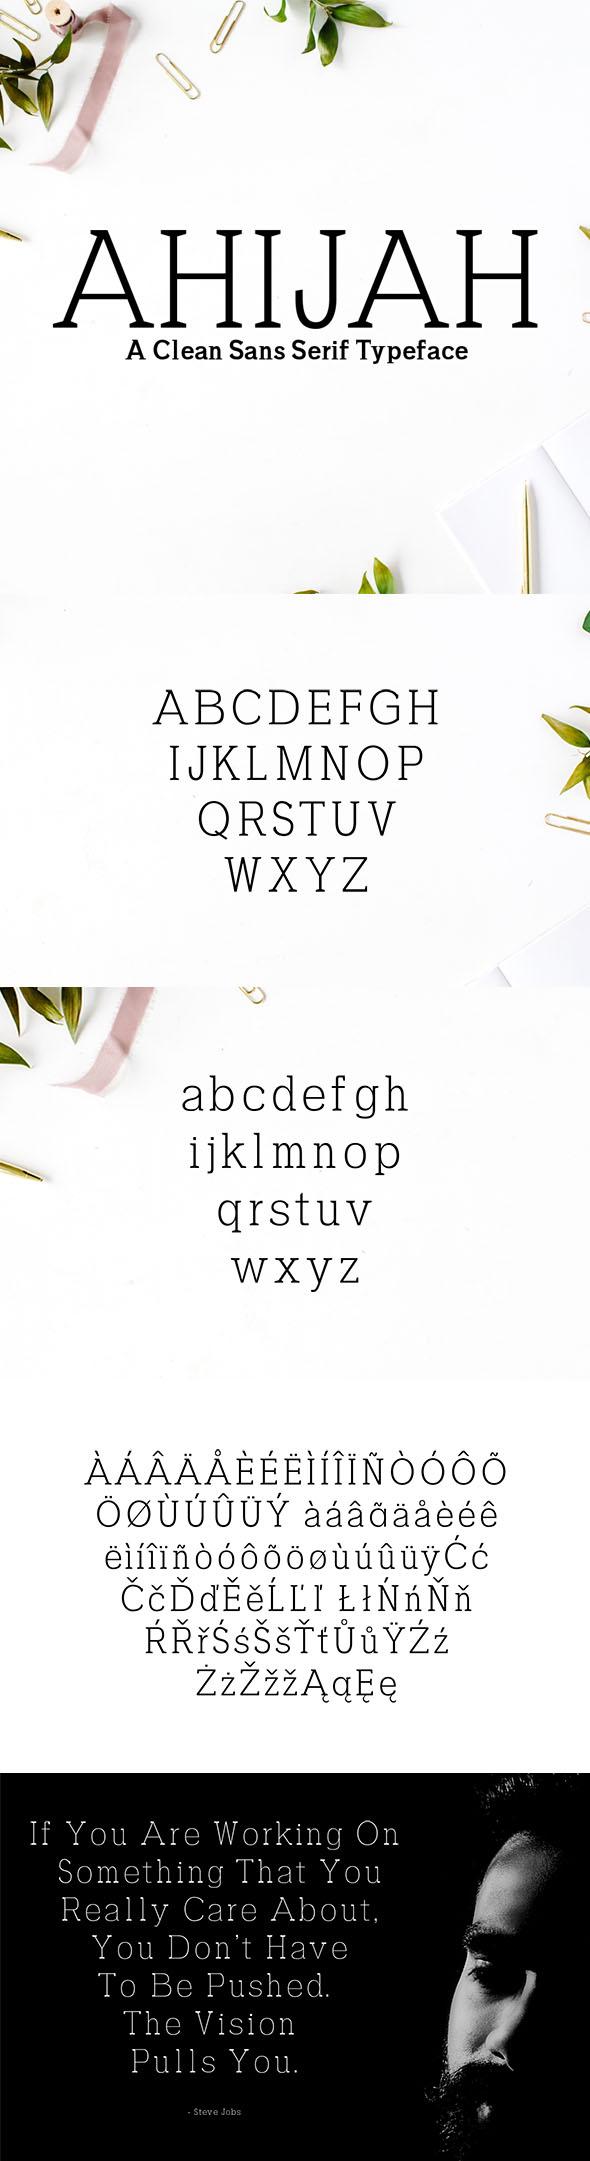 Ahijah A Clean Sans Serif Typeface - Sans-Serif Fonts